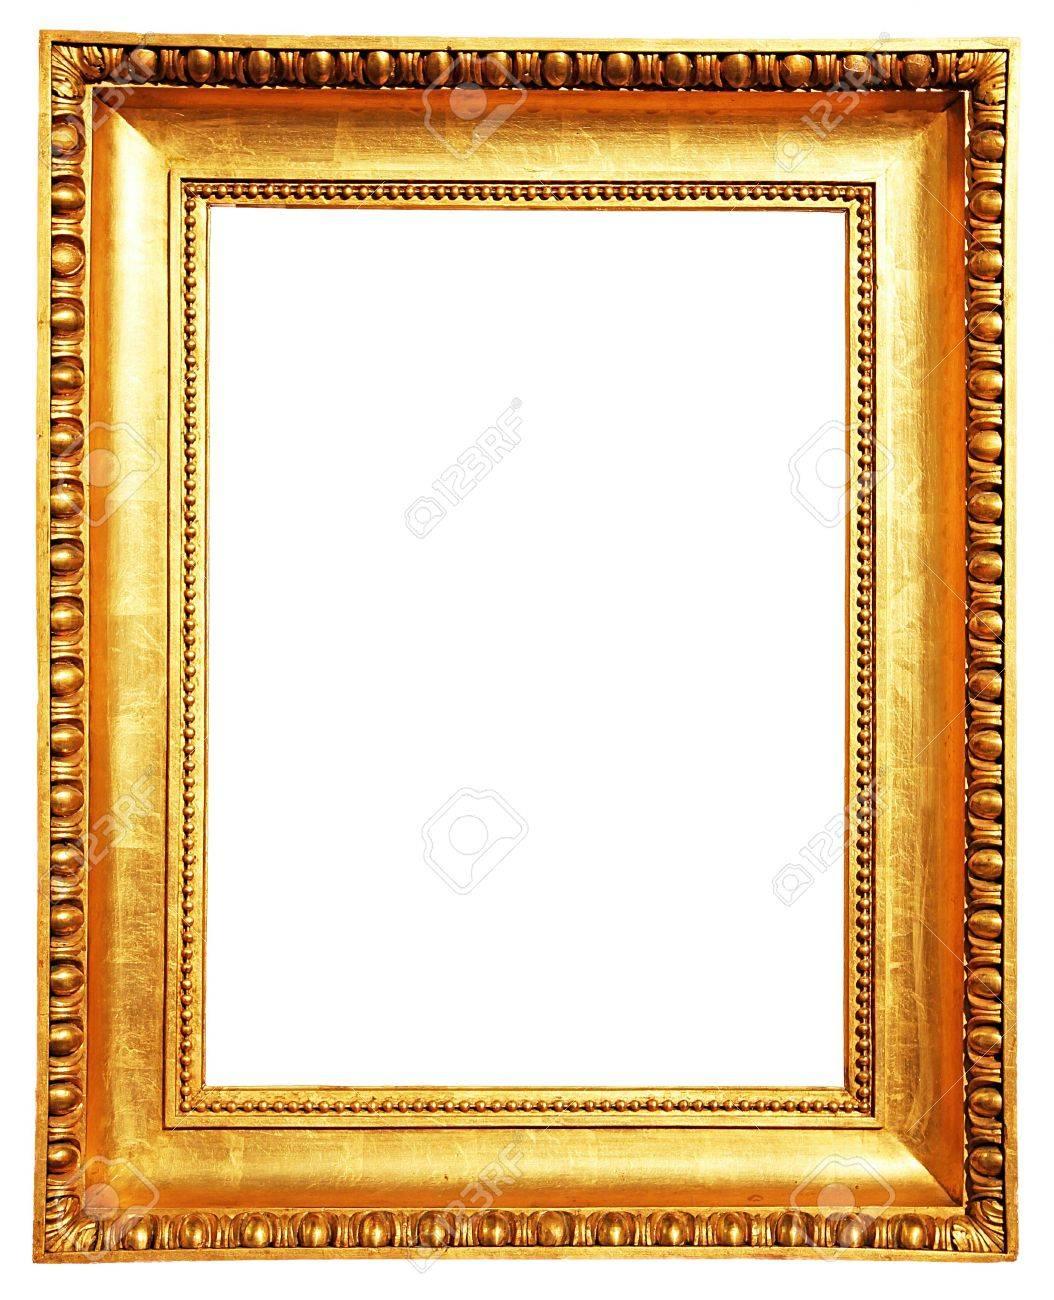 Ein Goldener Bilderrahmen Isoliert Auf Weiß Lizenzfreie Fotos ...